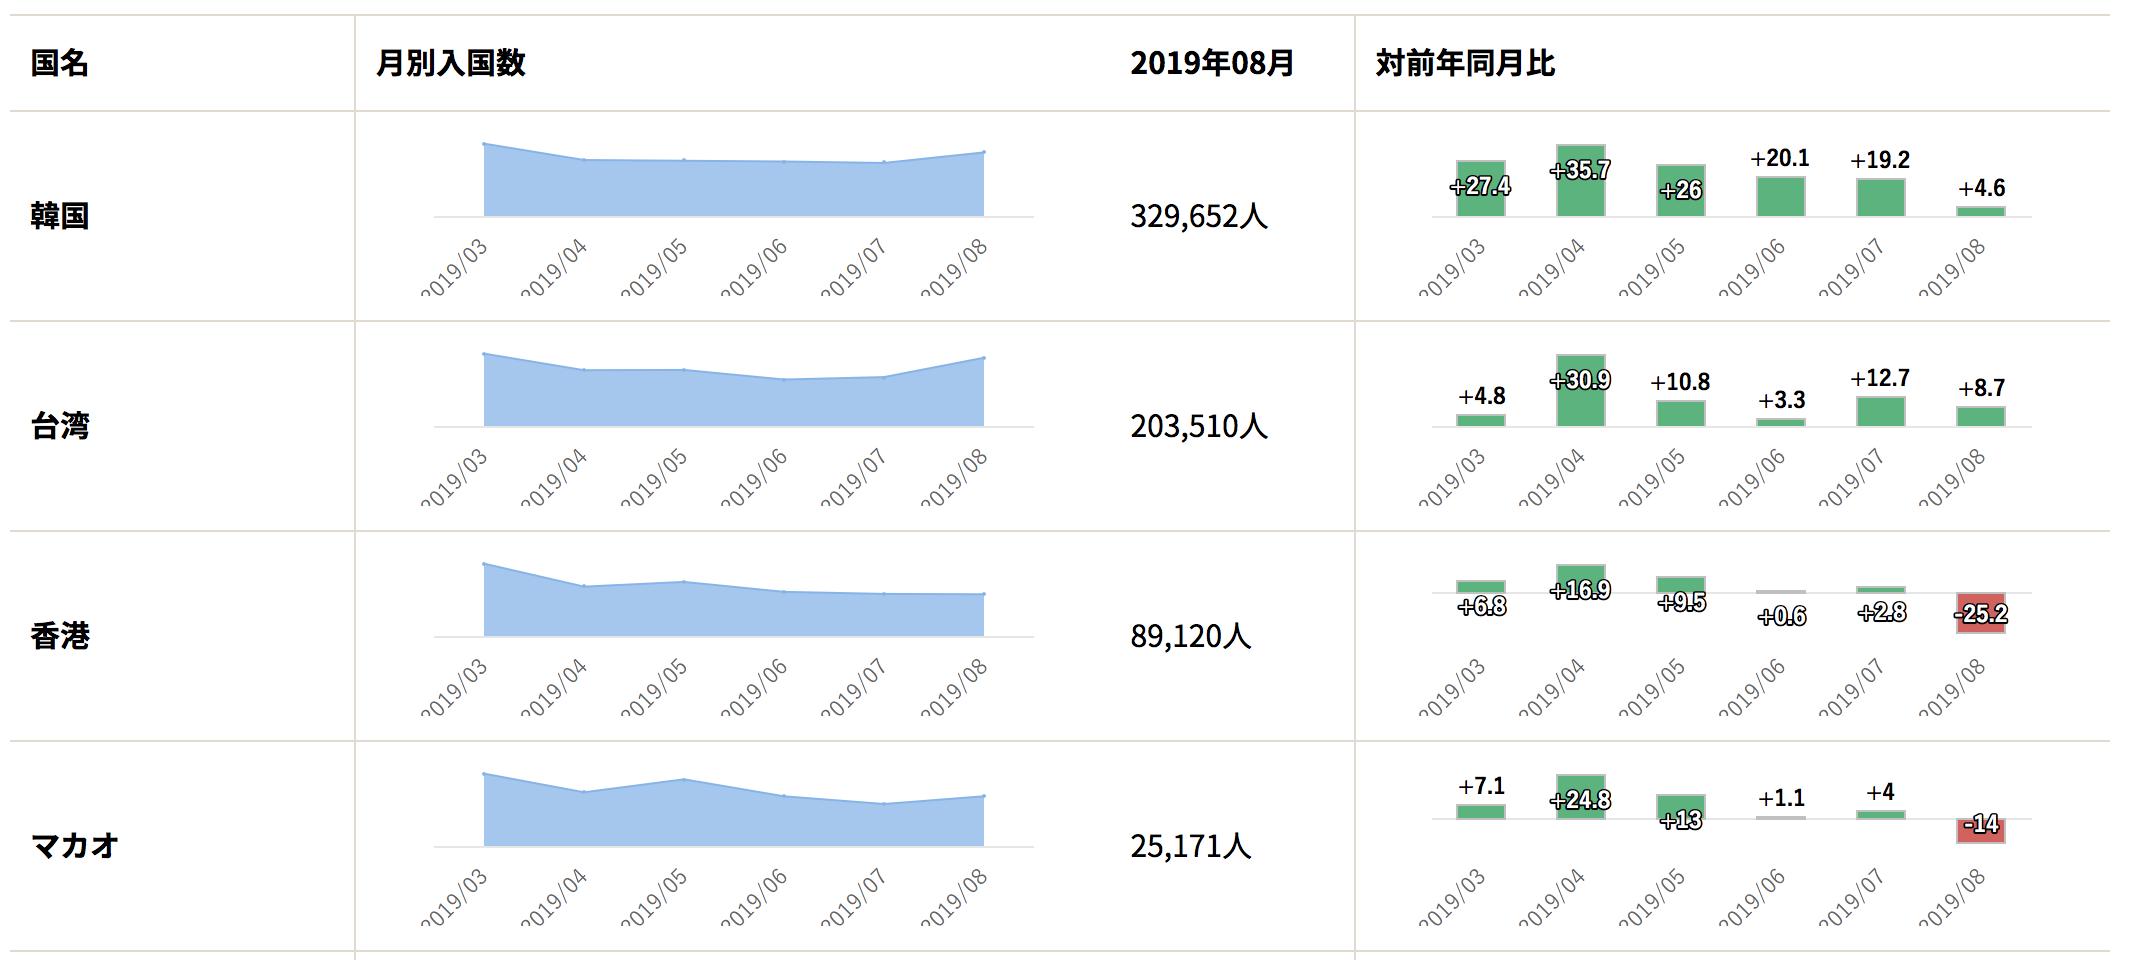 日本からの国別旅行者数で台湾は2位